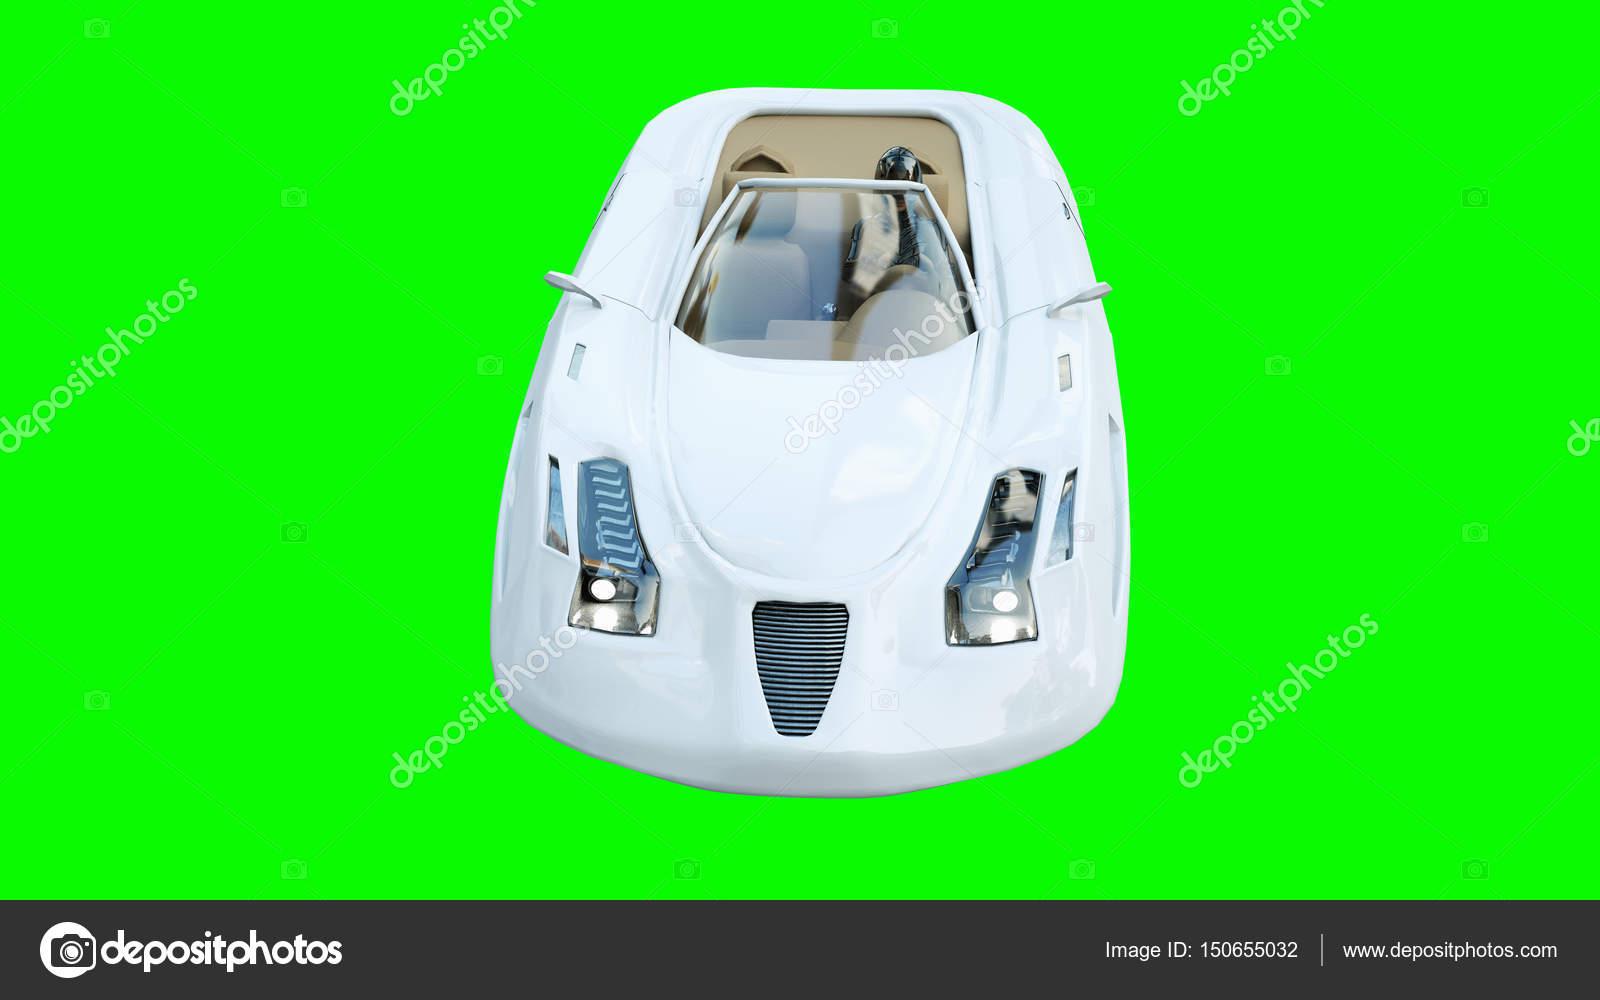 L'avenirIsoler Avec FemmeTransport Futuriste Voiture Volante De f6bgY7y